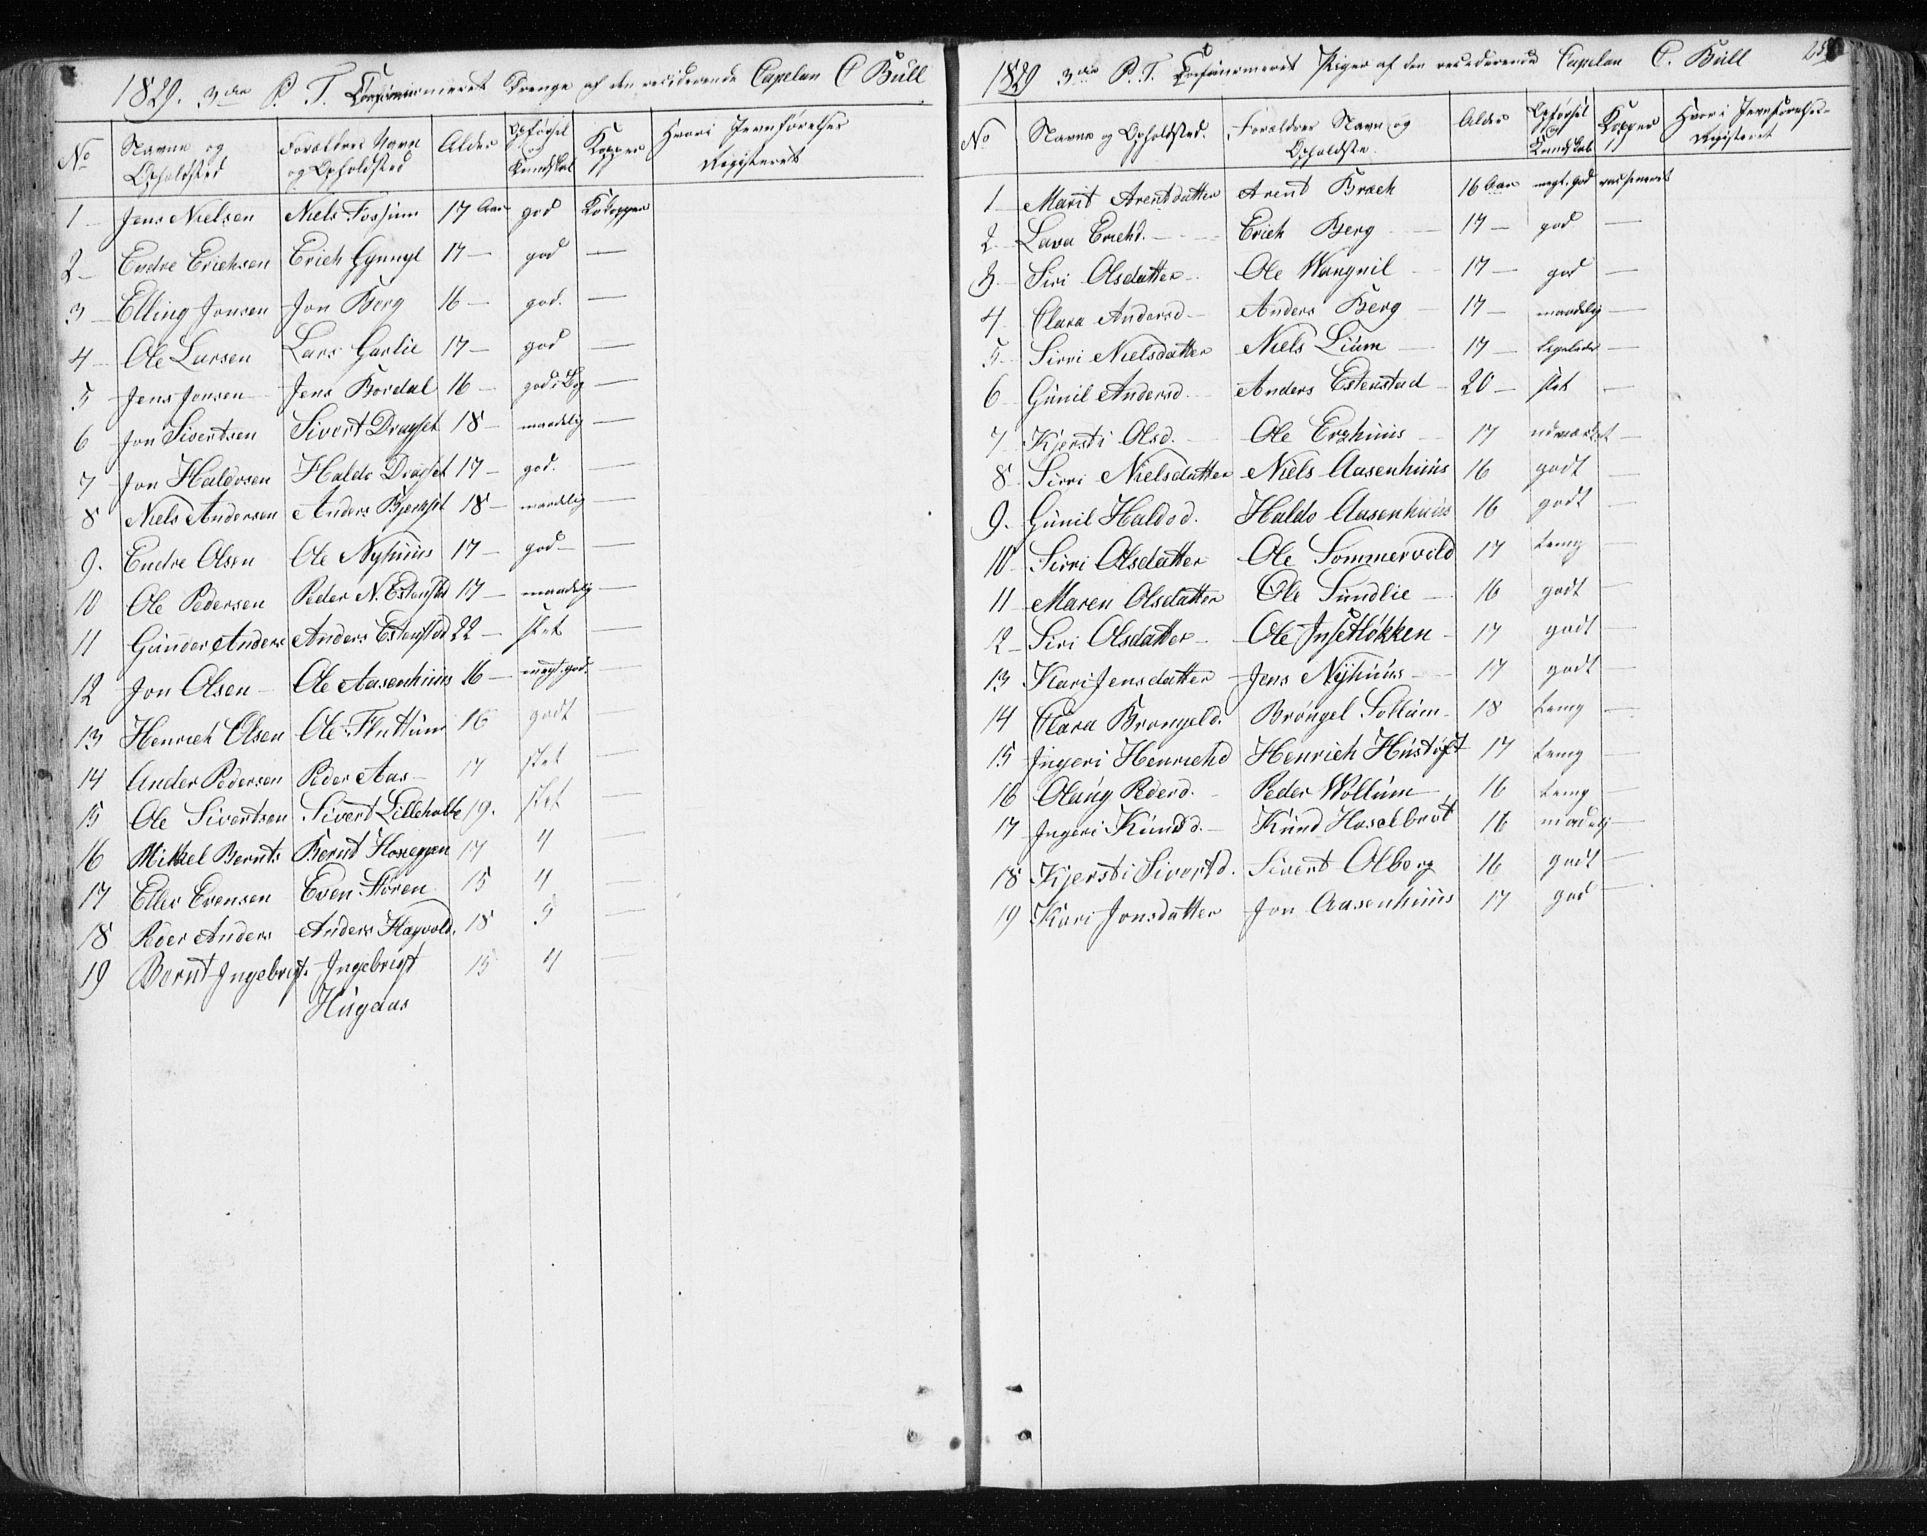 SAT, Ministerialprotokoller, klokkerbøker og fødselsregistre - Sør-Trøndelag, 689/L1043: Klokkerbok nr. 689C02, 1816-1892, s. 256